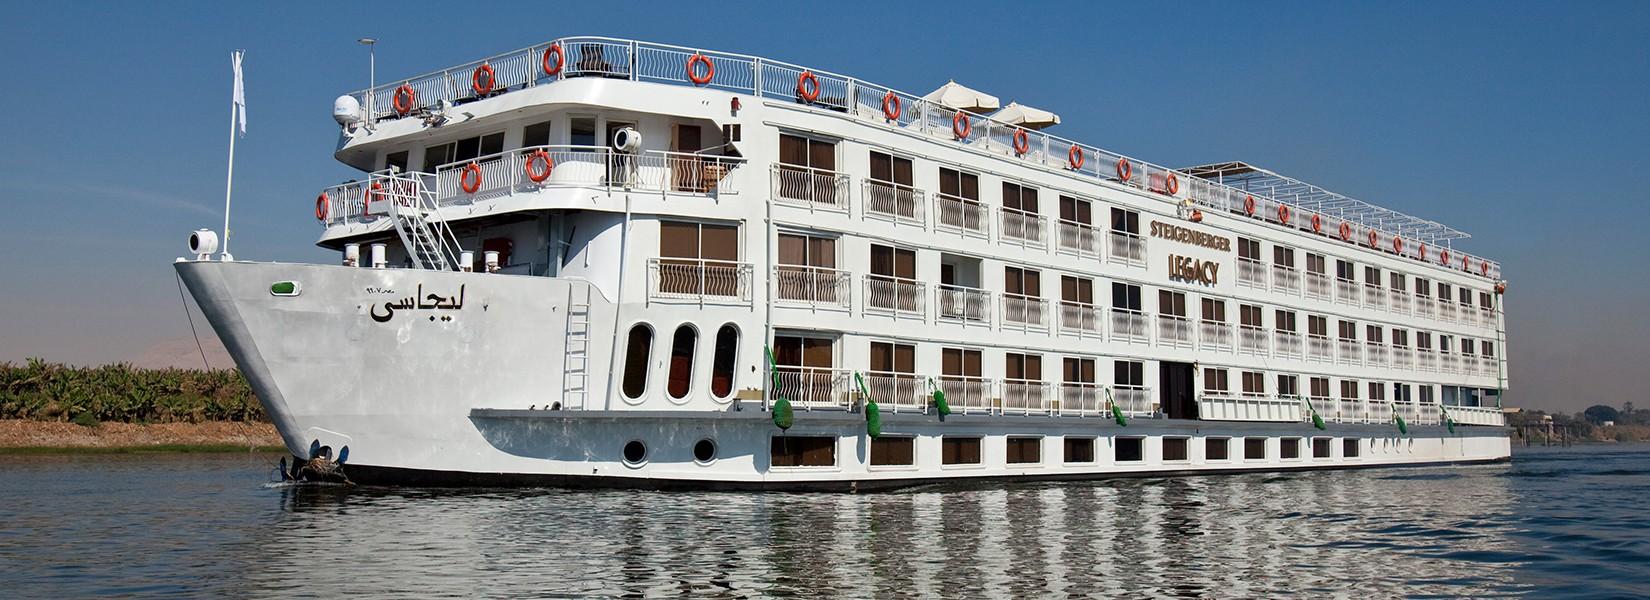 steigenberger Legacy croisière sur le Nil